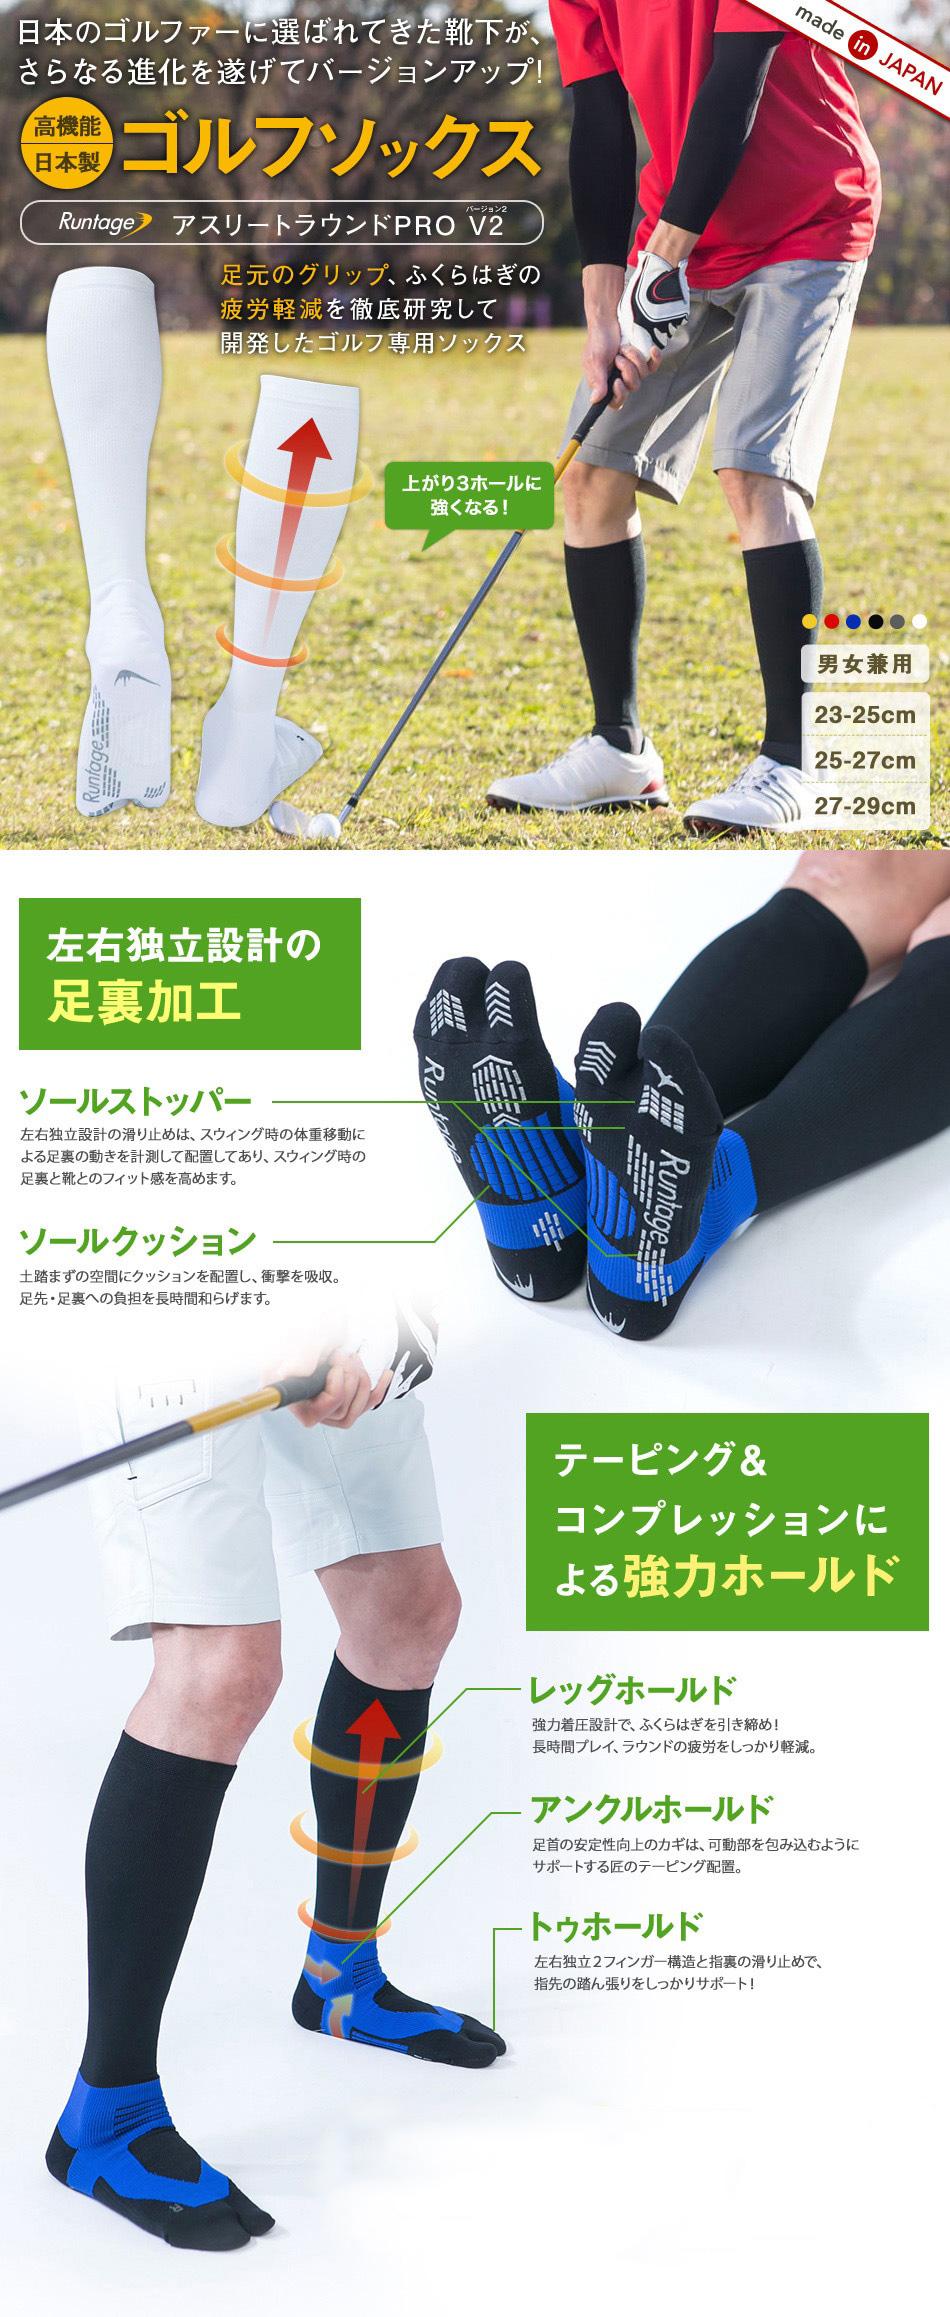 高機能・日本製 ゴルフソックス